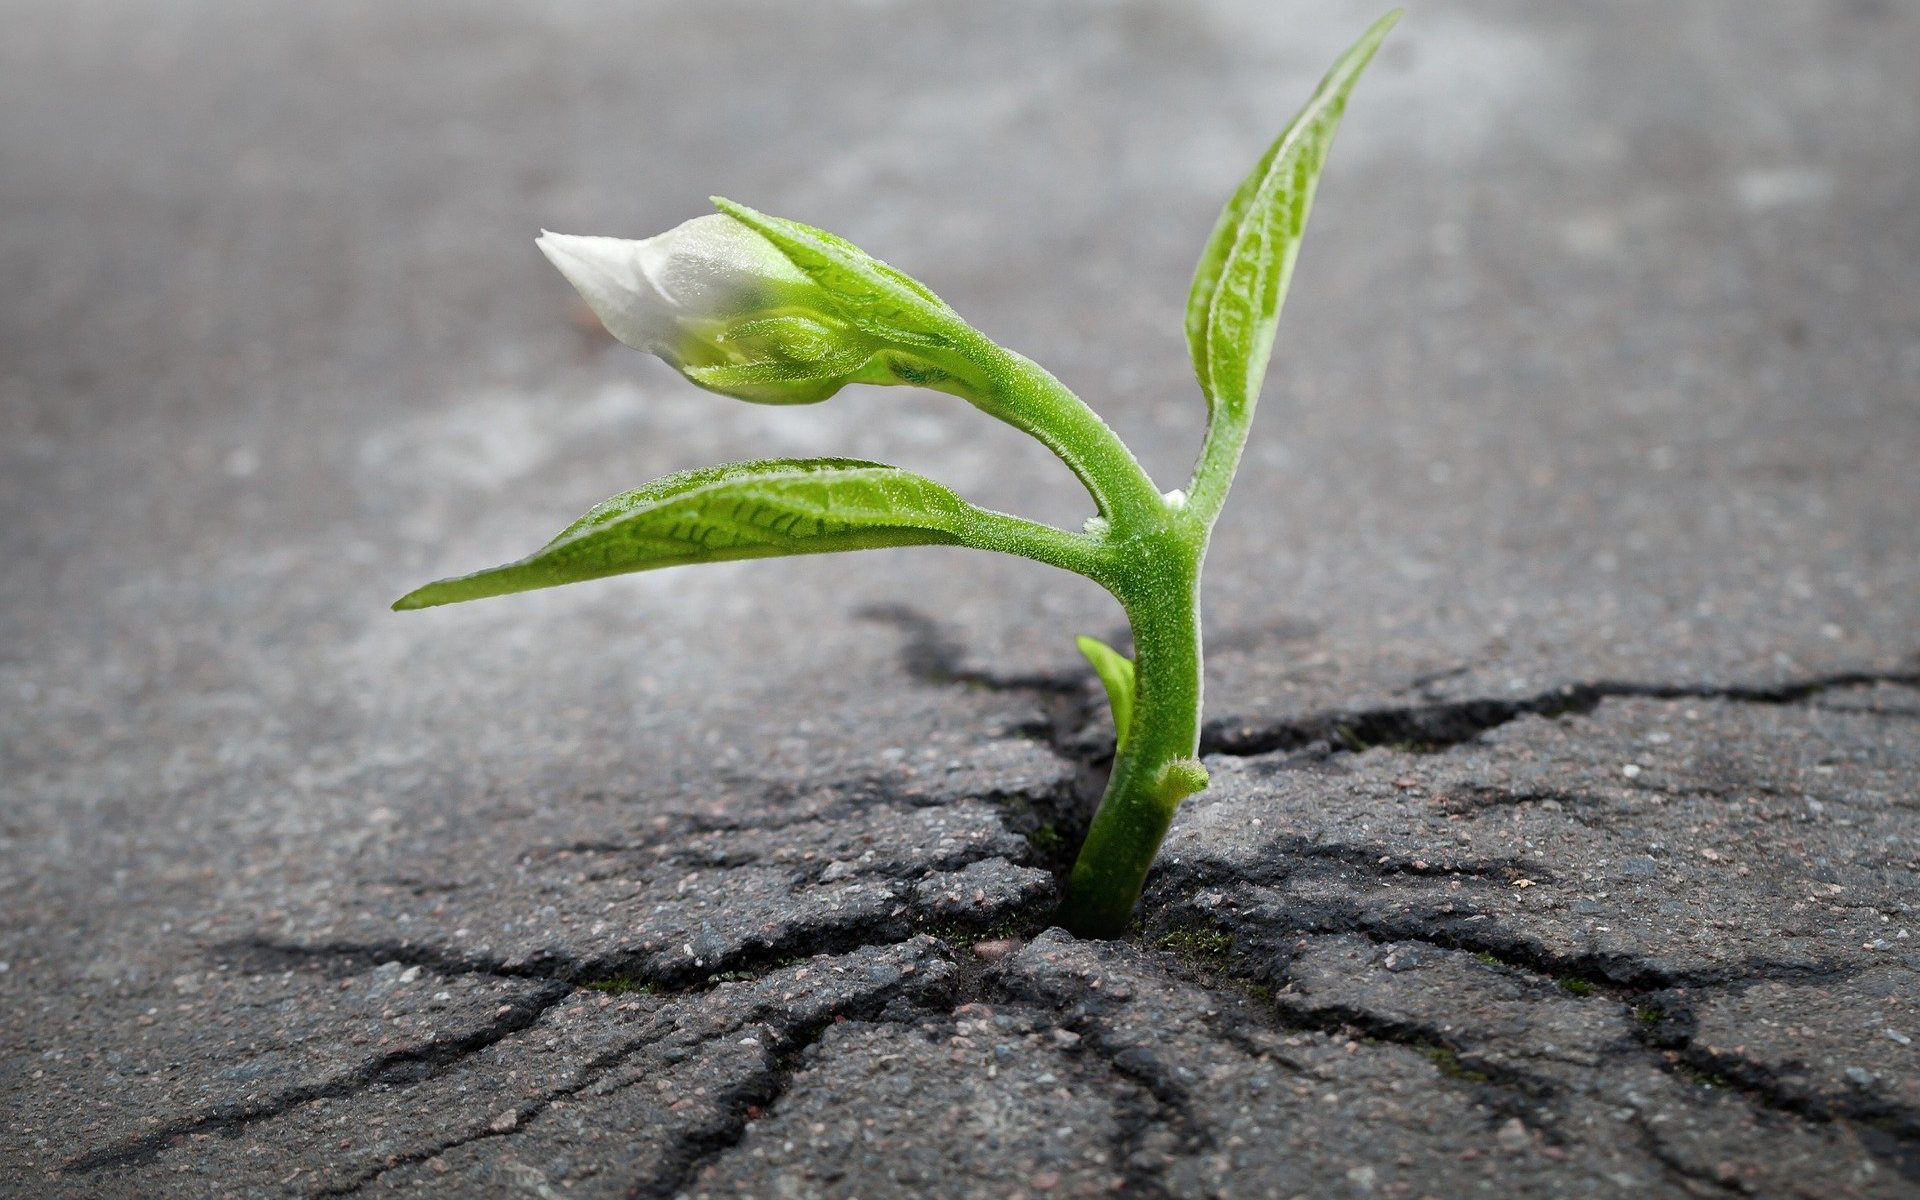 Pflanze wächst aus Asphalt